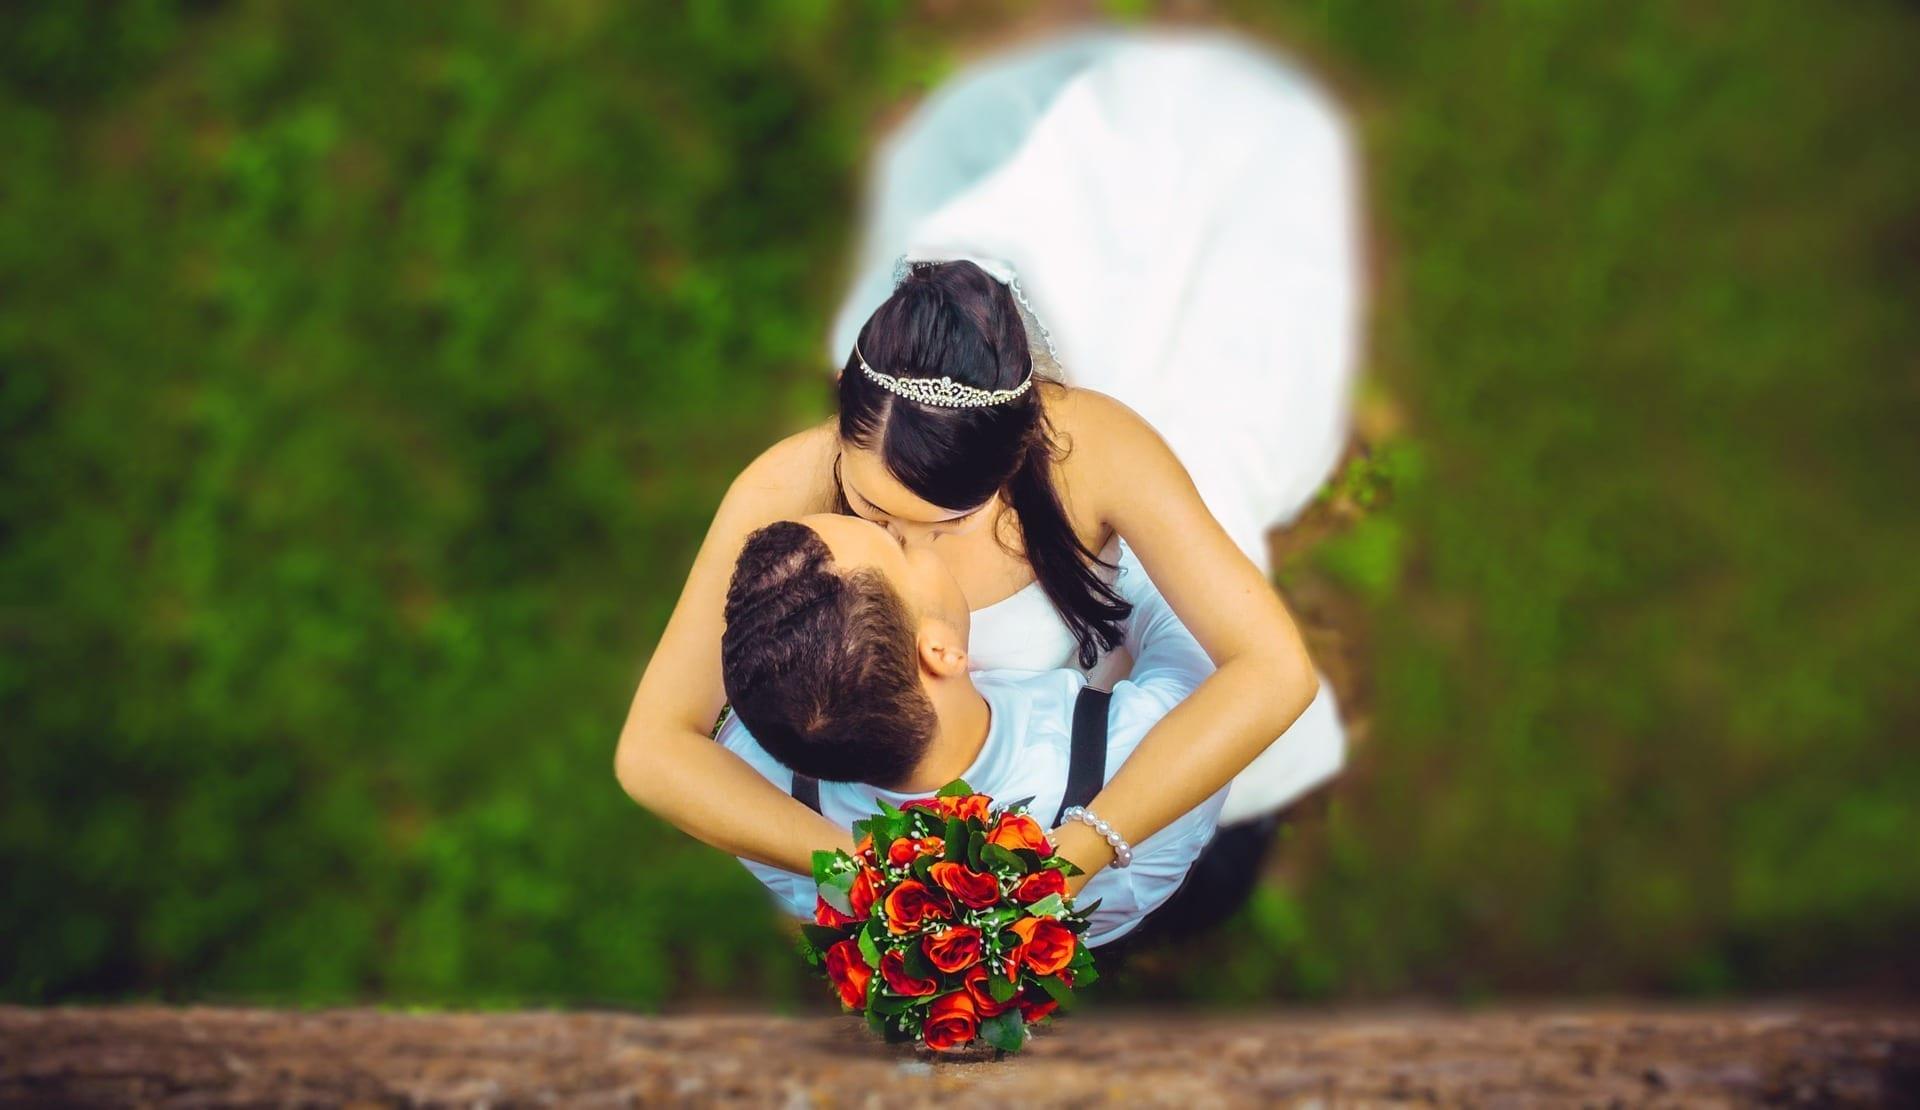 come sposarsi in tempi di covid-19